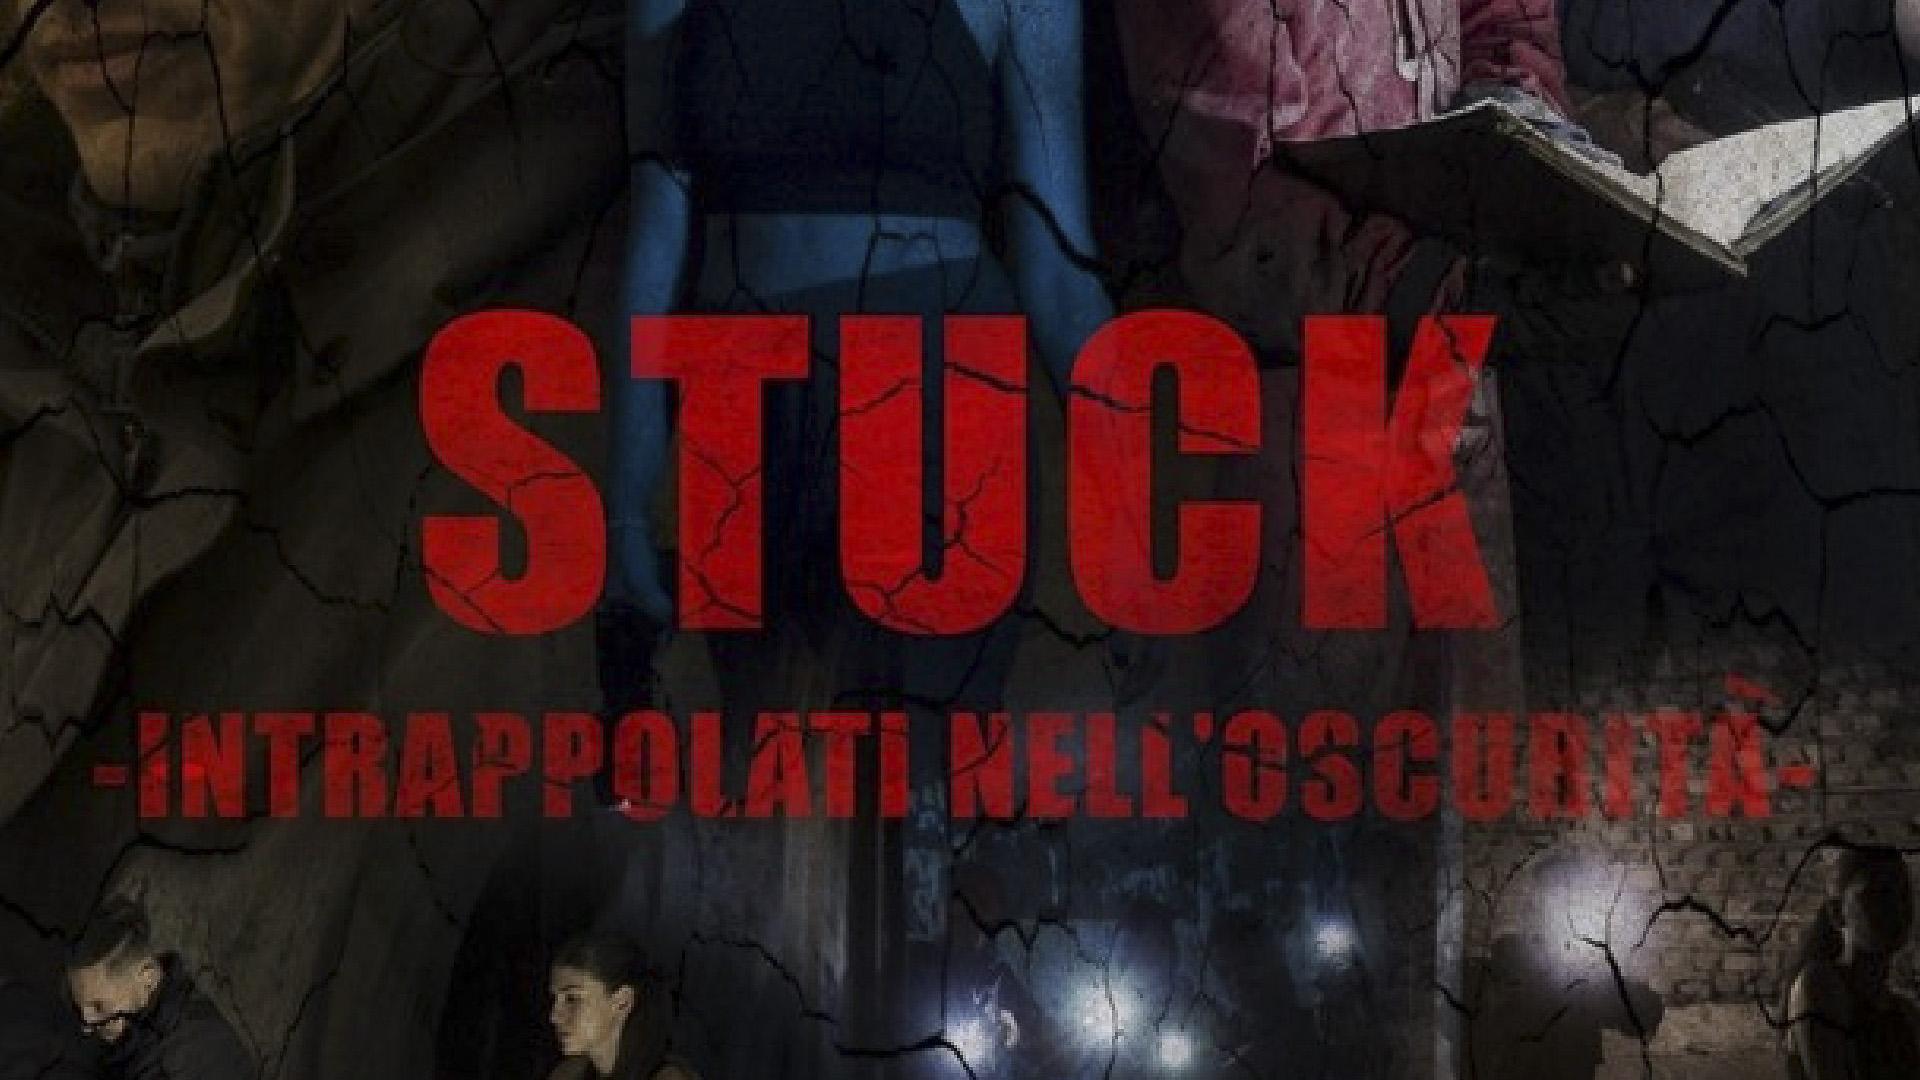 Stuck Intrappolati nell'oscurità